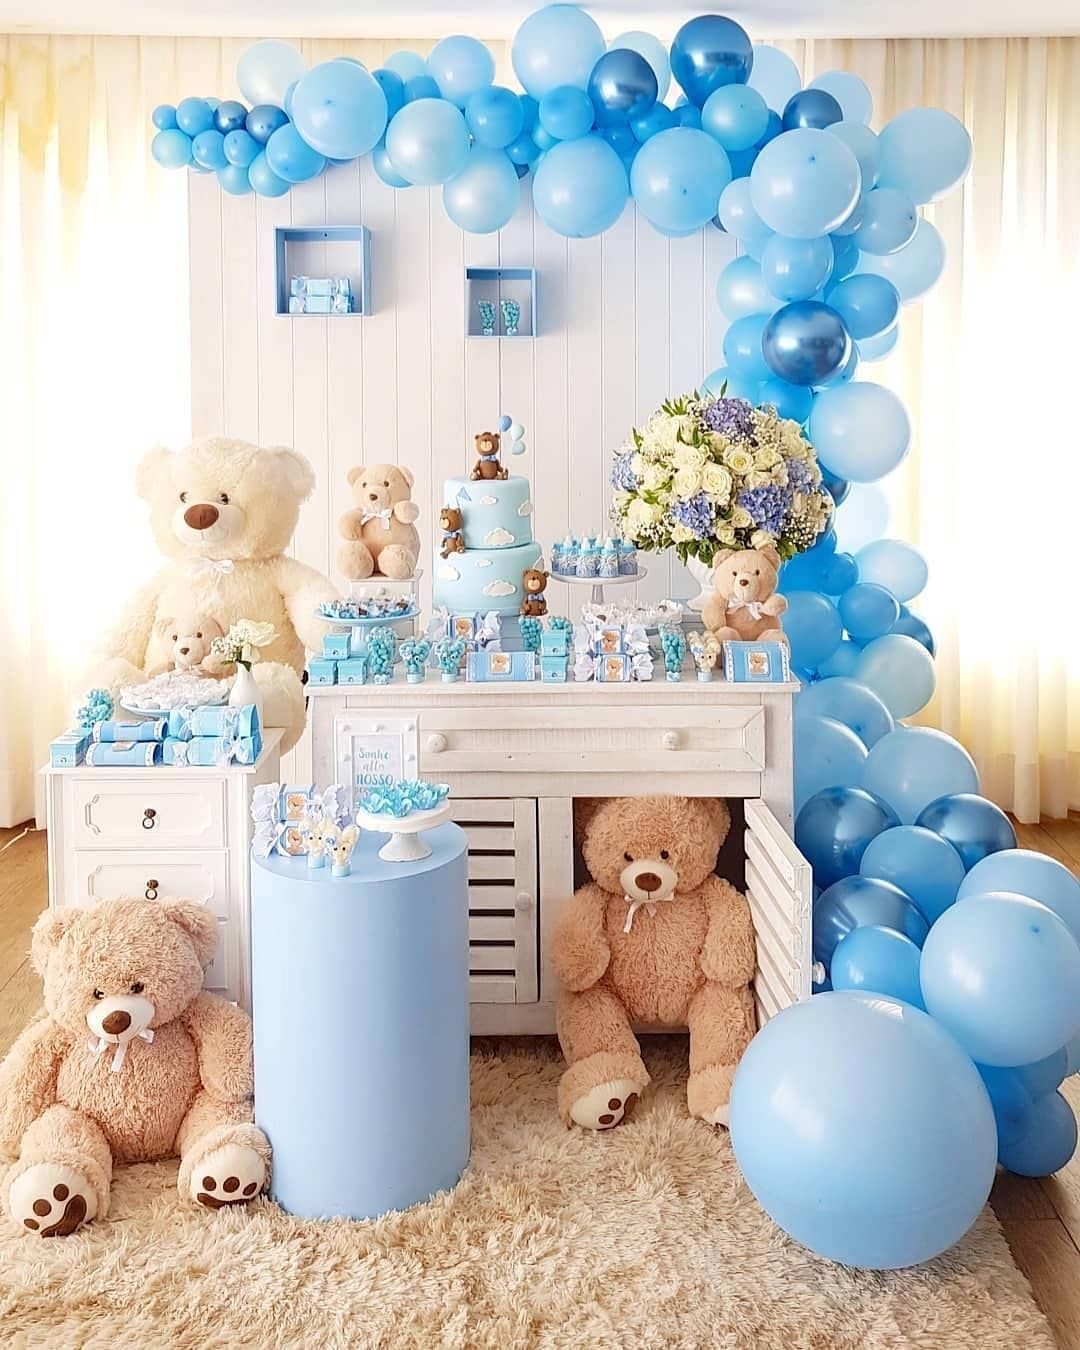 Baby Shower De Osos Para Nino Baby Shower Theme Decorations Baby Shower De Woodland Baby Shower Theme Decorations